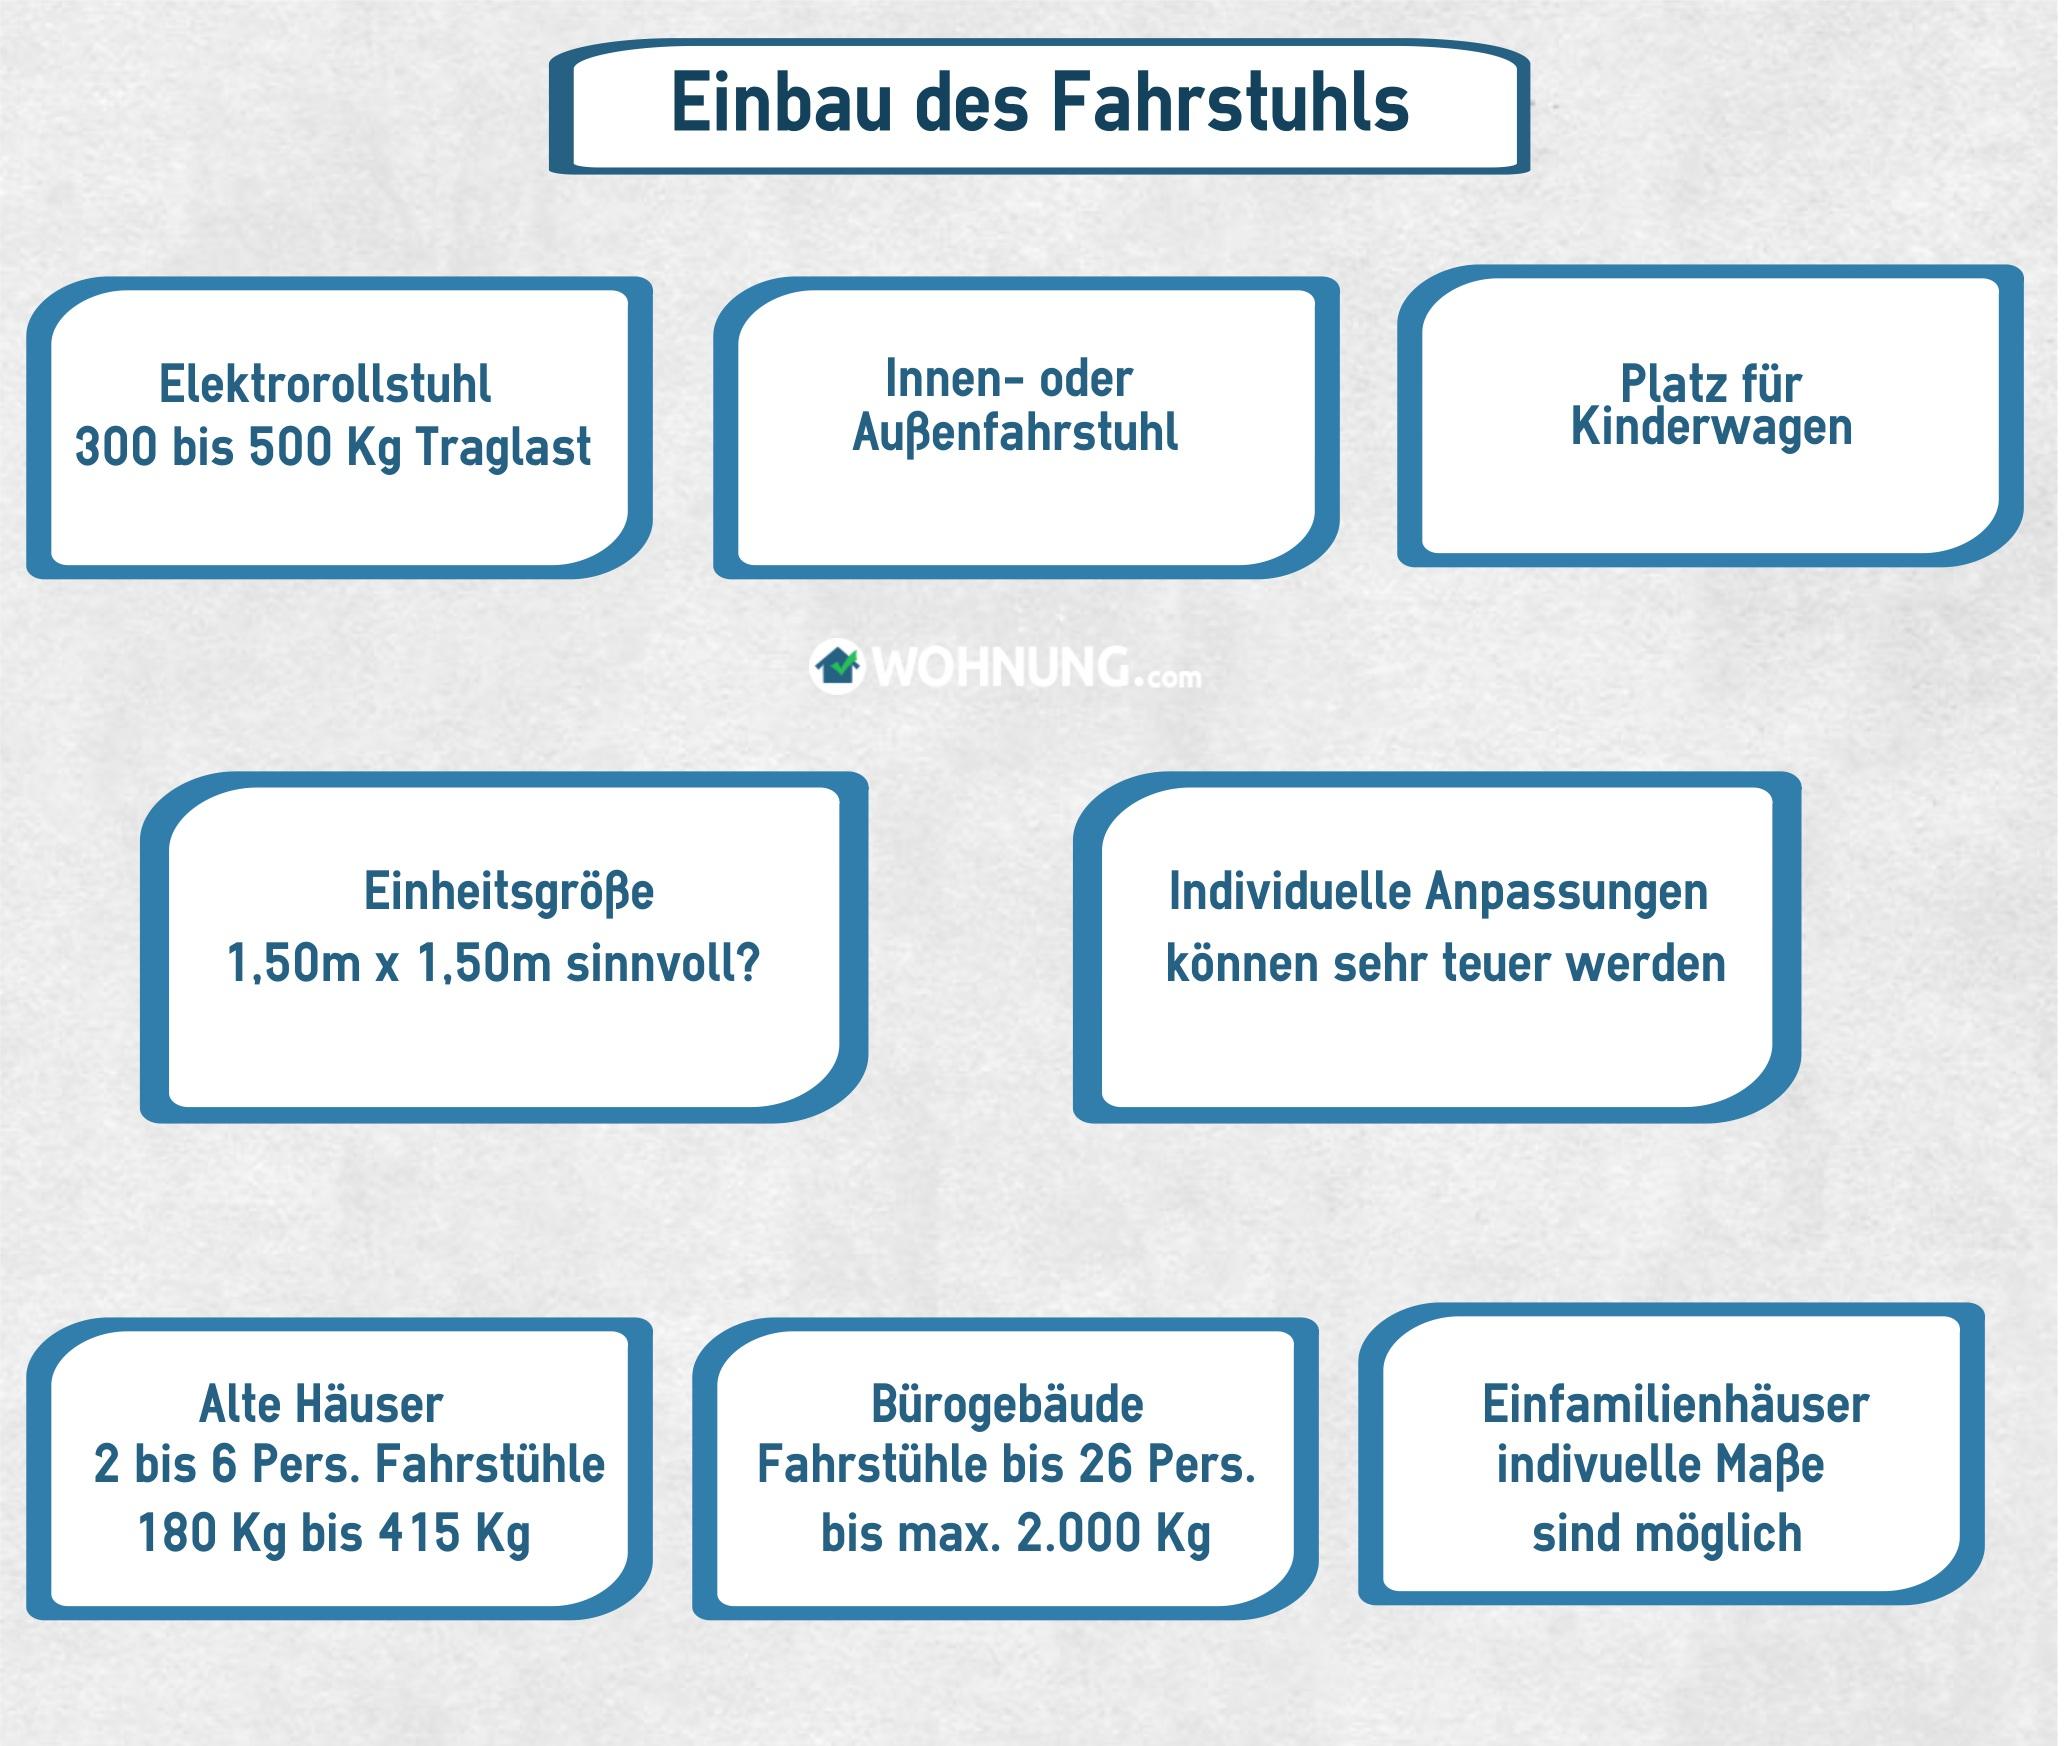 Super Fahrstühle: Größe und Fassungsvermögen - Wohnung.com Ratgeber ZE12